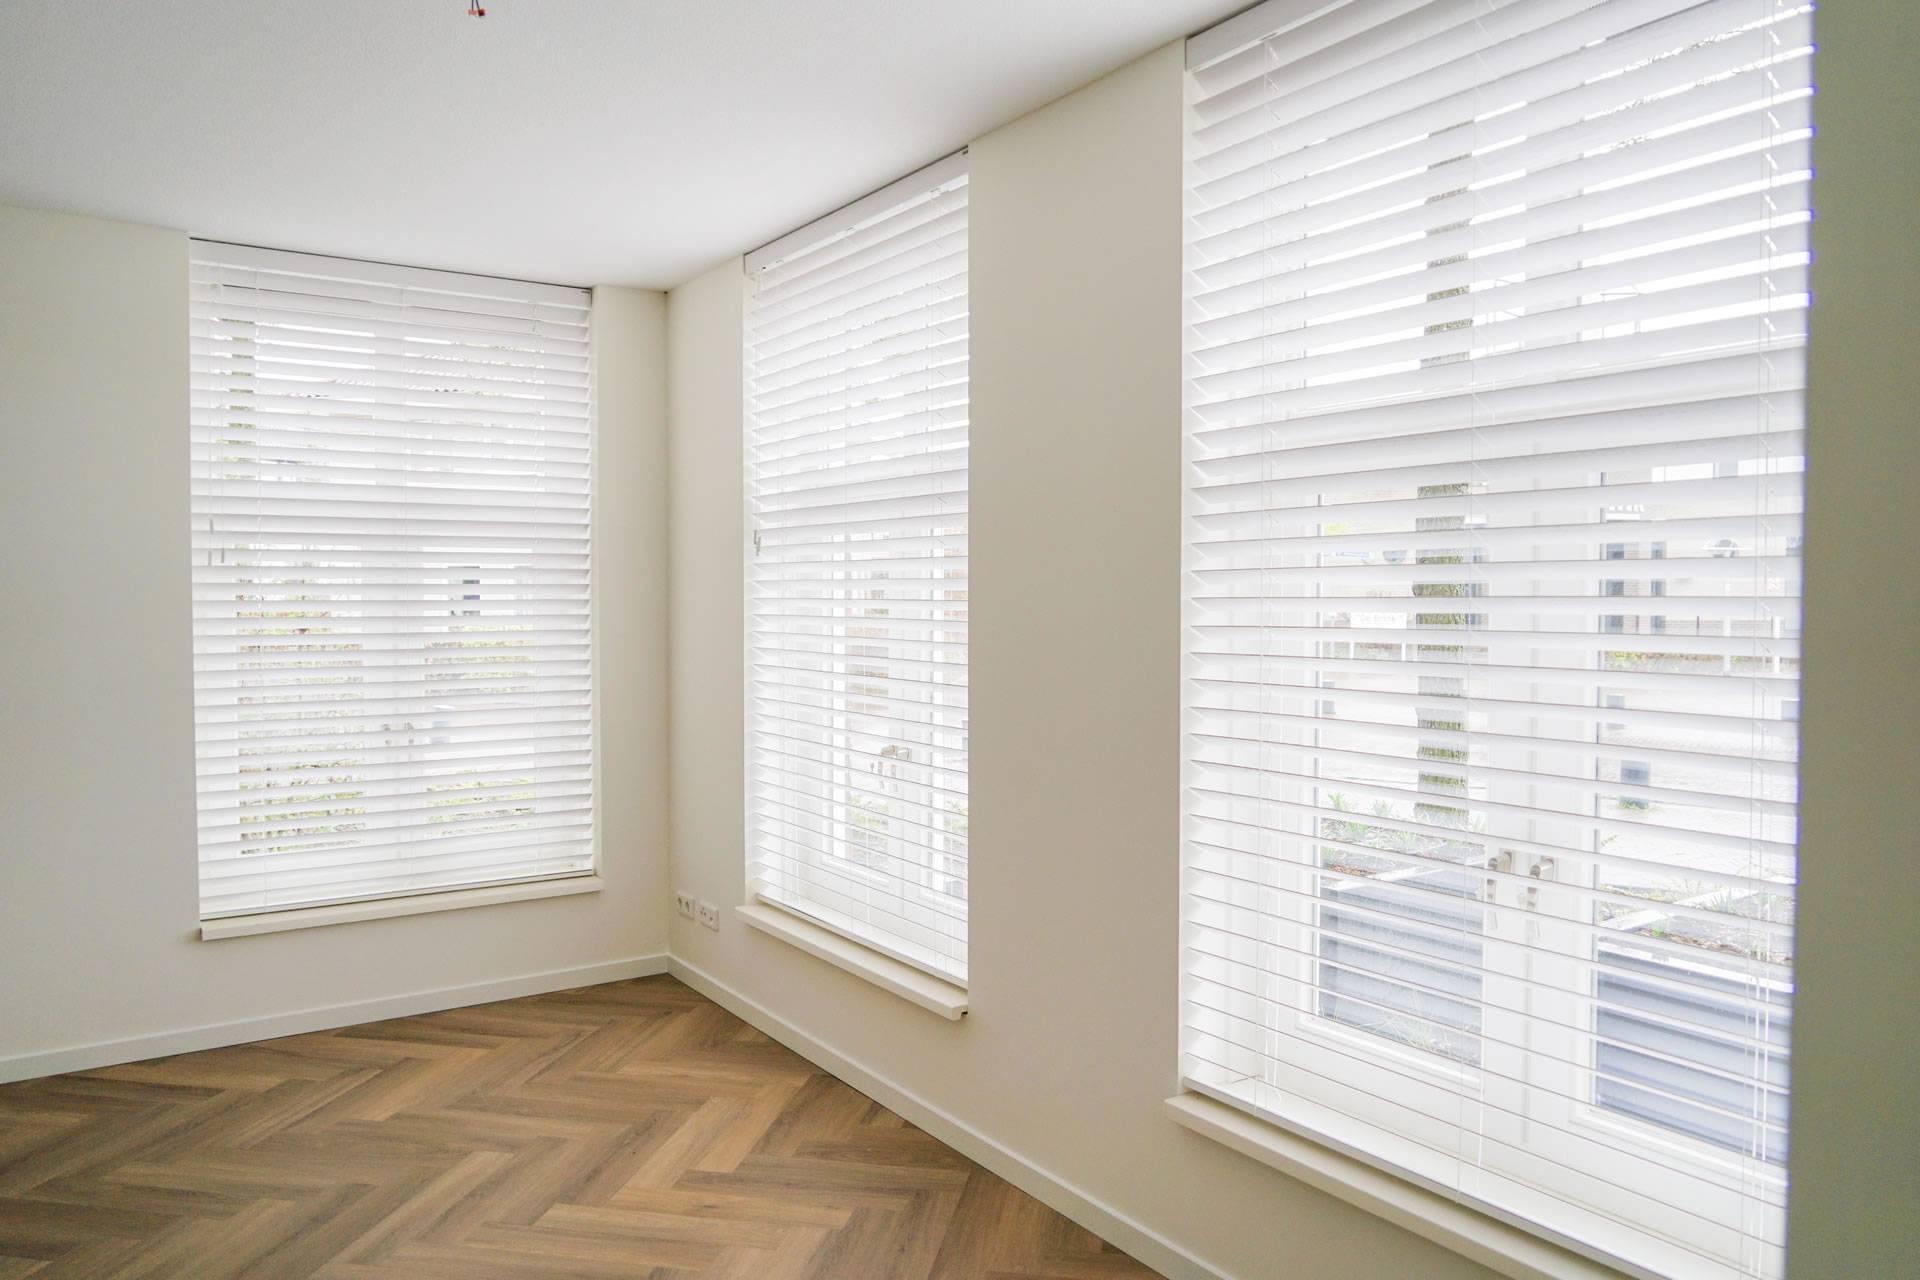 Verouden Bouwbedrijf - 6 luxe nieuwbouw appartementen - 48 - DSC05245